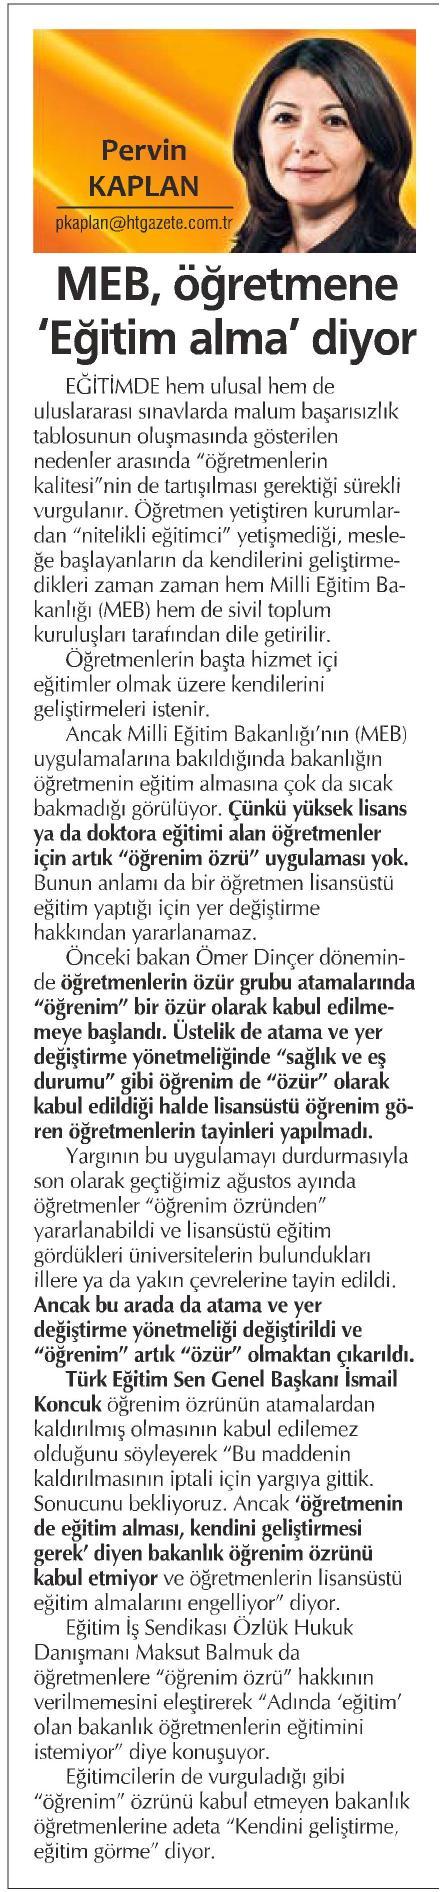 HABERTURK_20131222_23